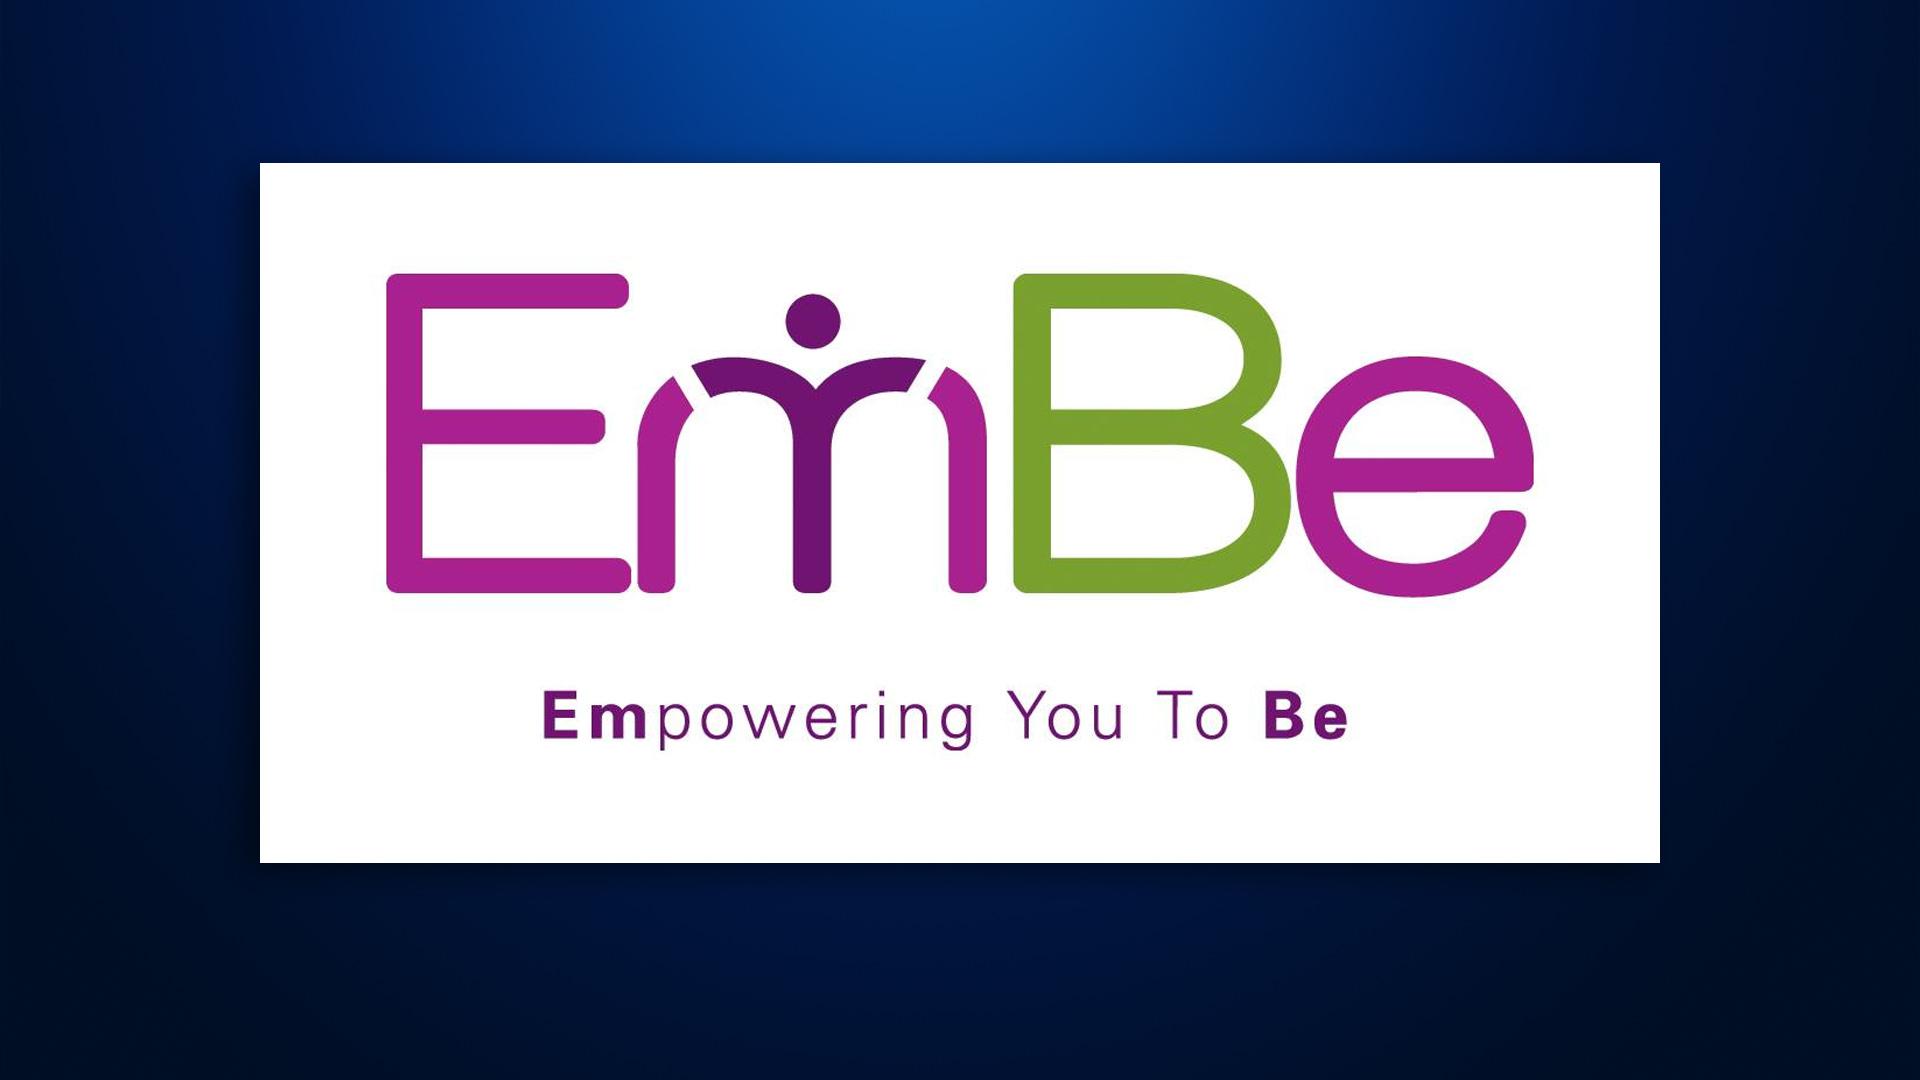 KELO EmBe Sioux Falls women empowering